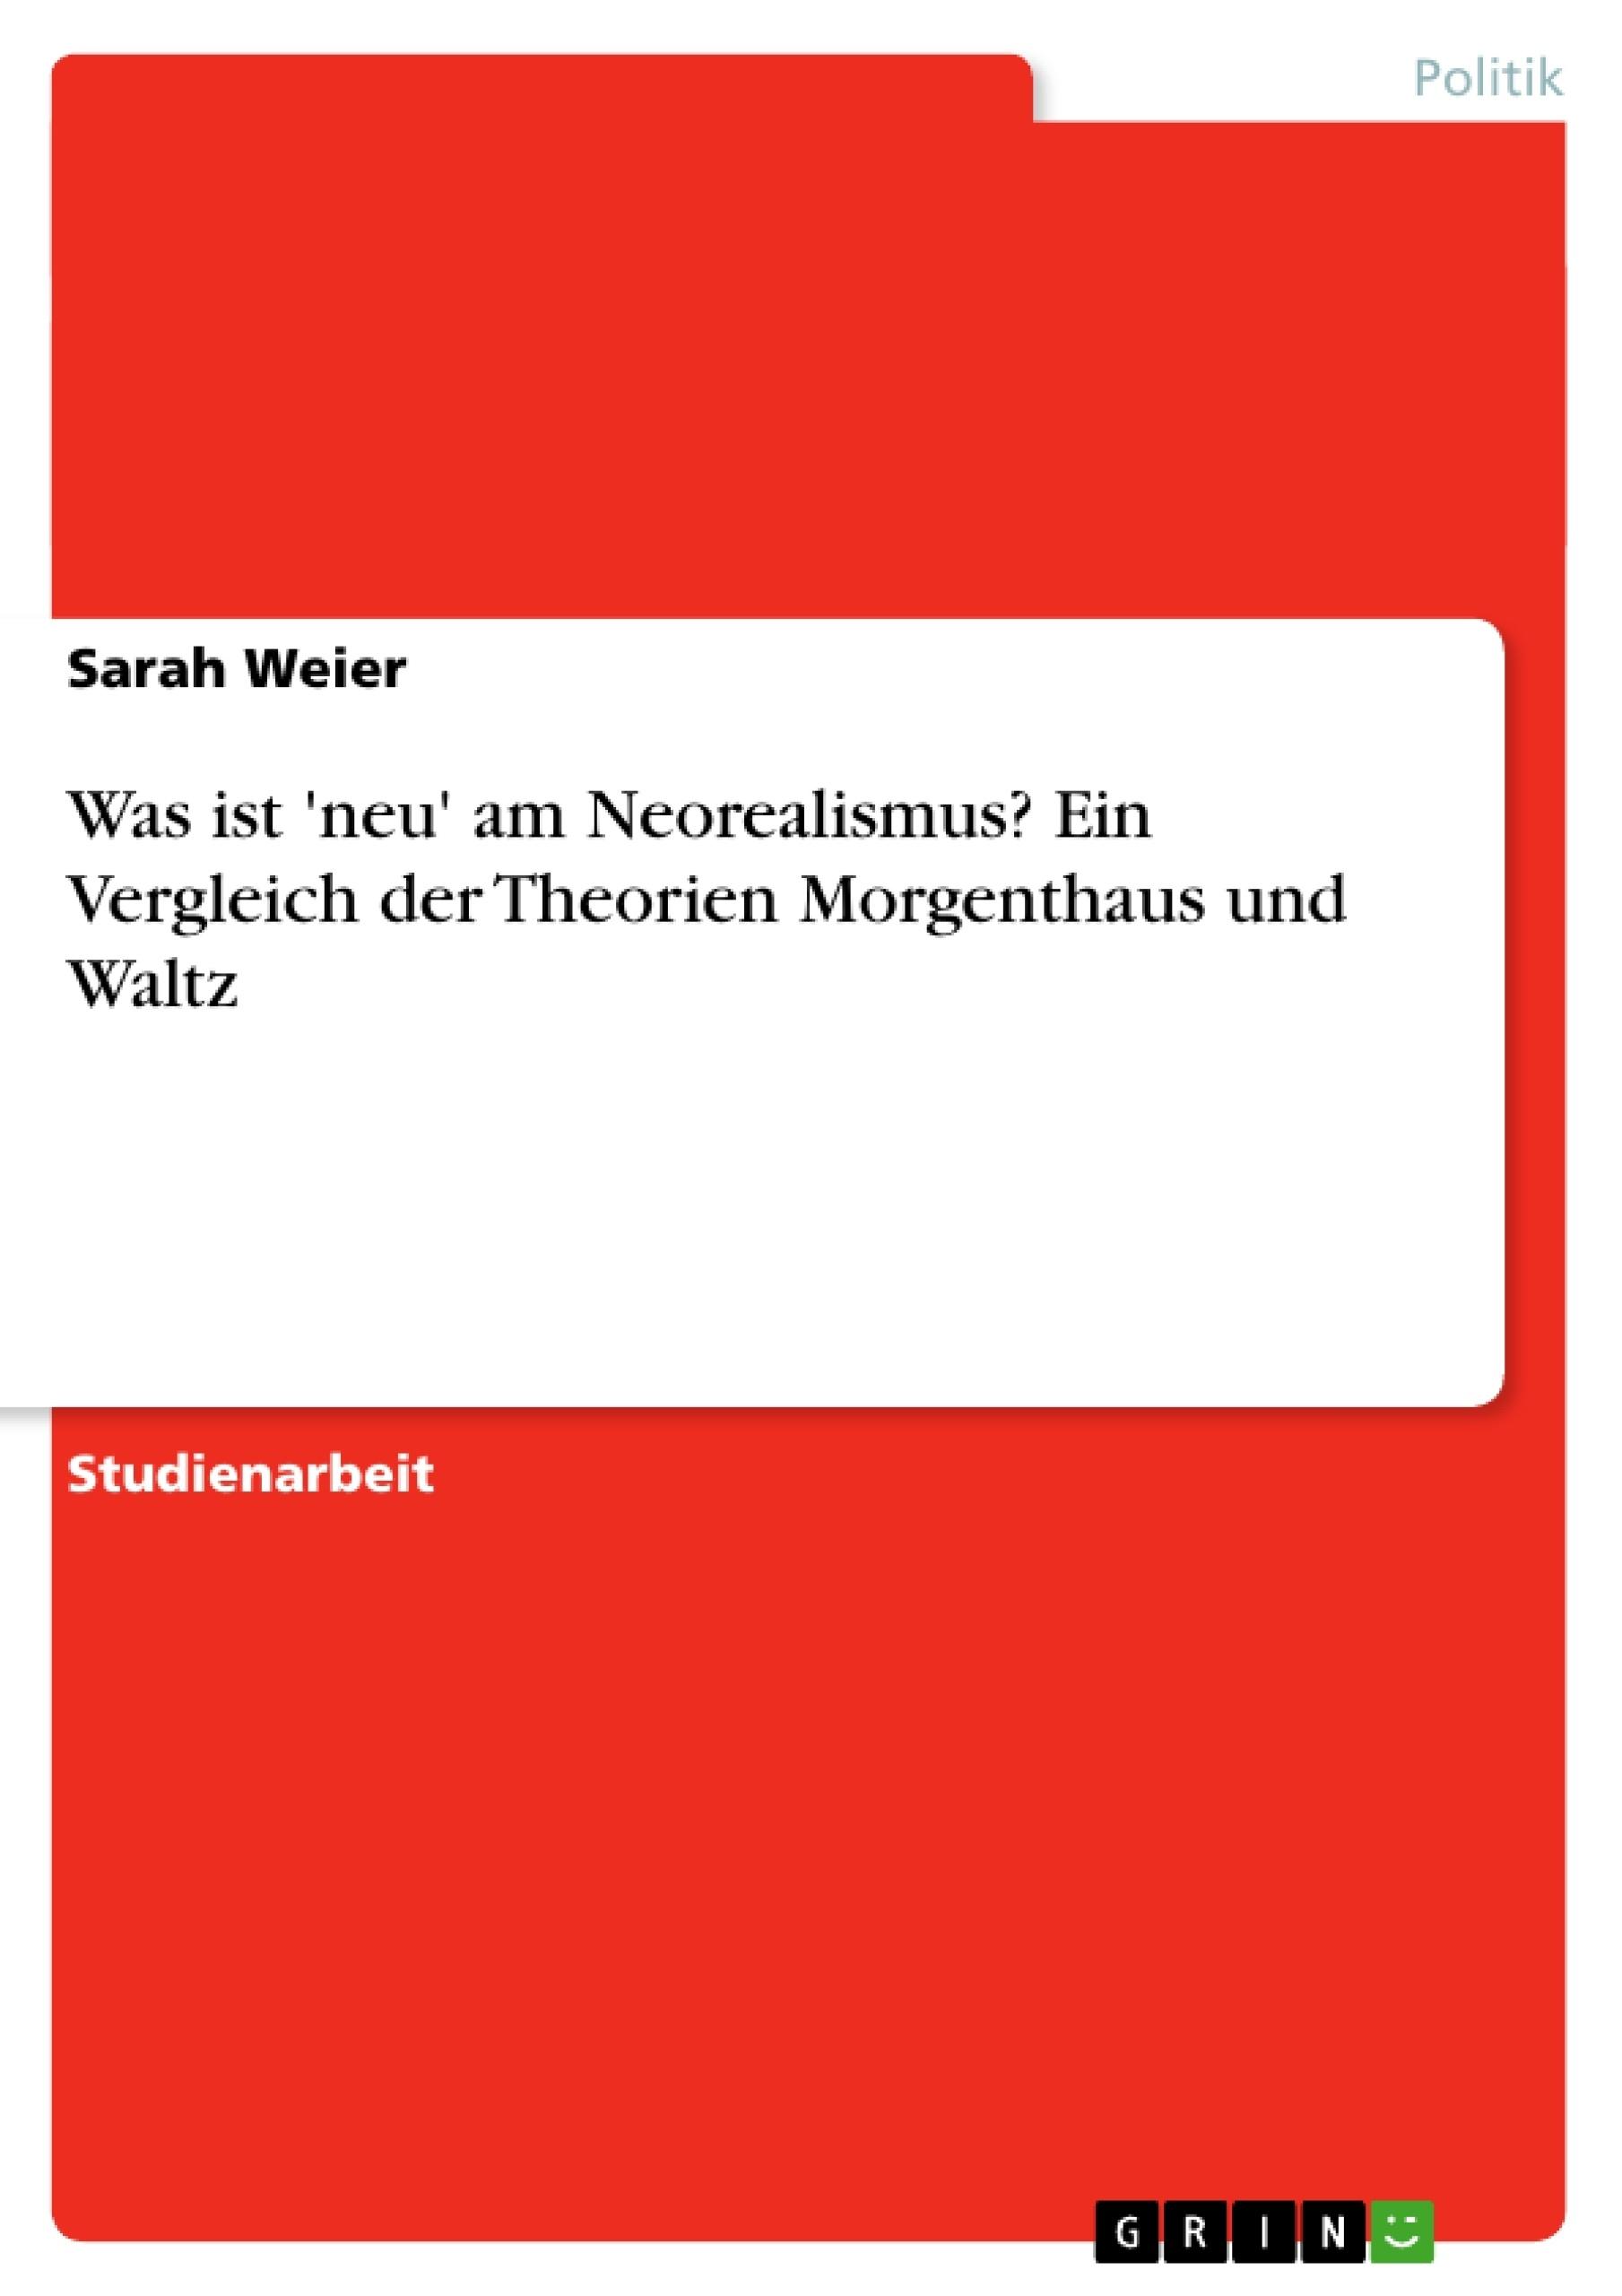 Titel: Was ist 'neu' am Neorealismus? Ein Vergleich der Theorien Morgenthaus und Waltz